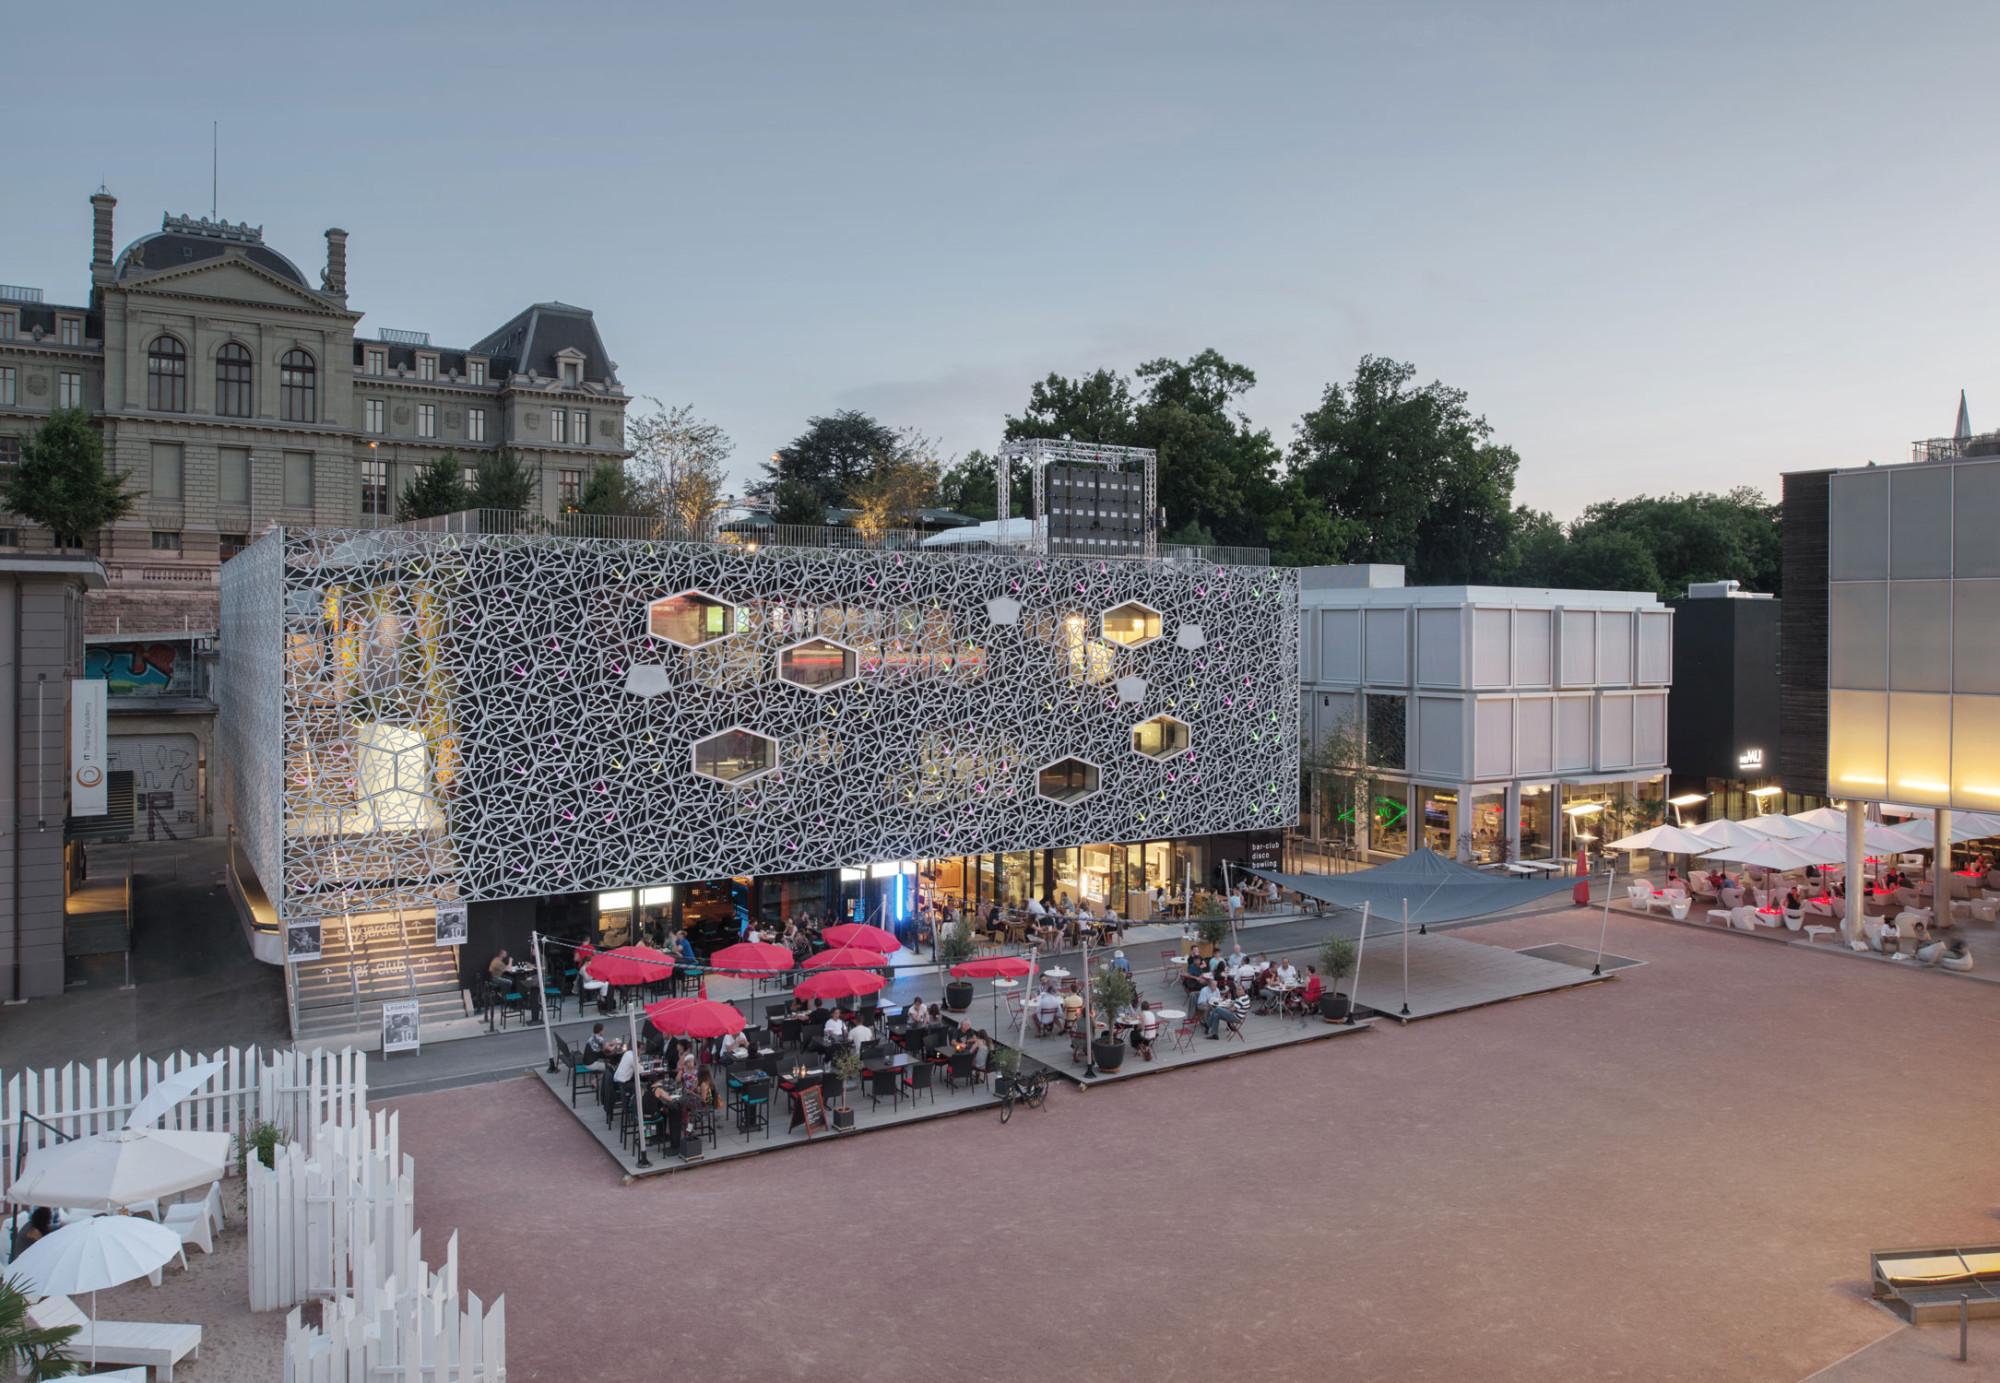 Les Pépinières in Lausanne | Beton | Kultur | Baunetz_Wissen